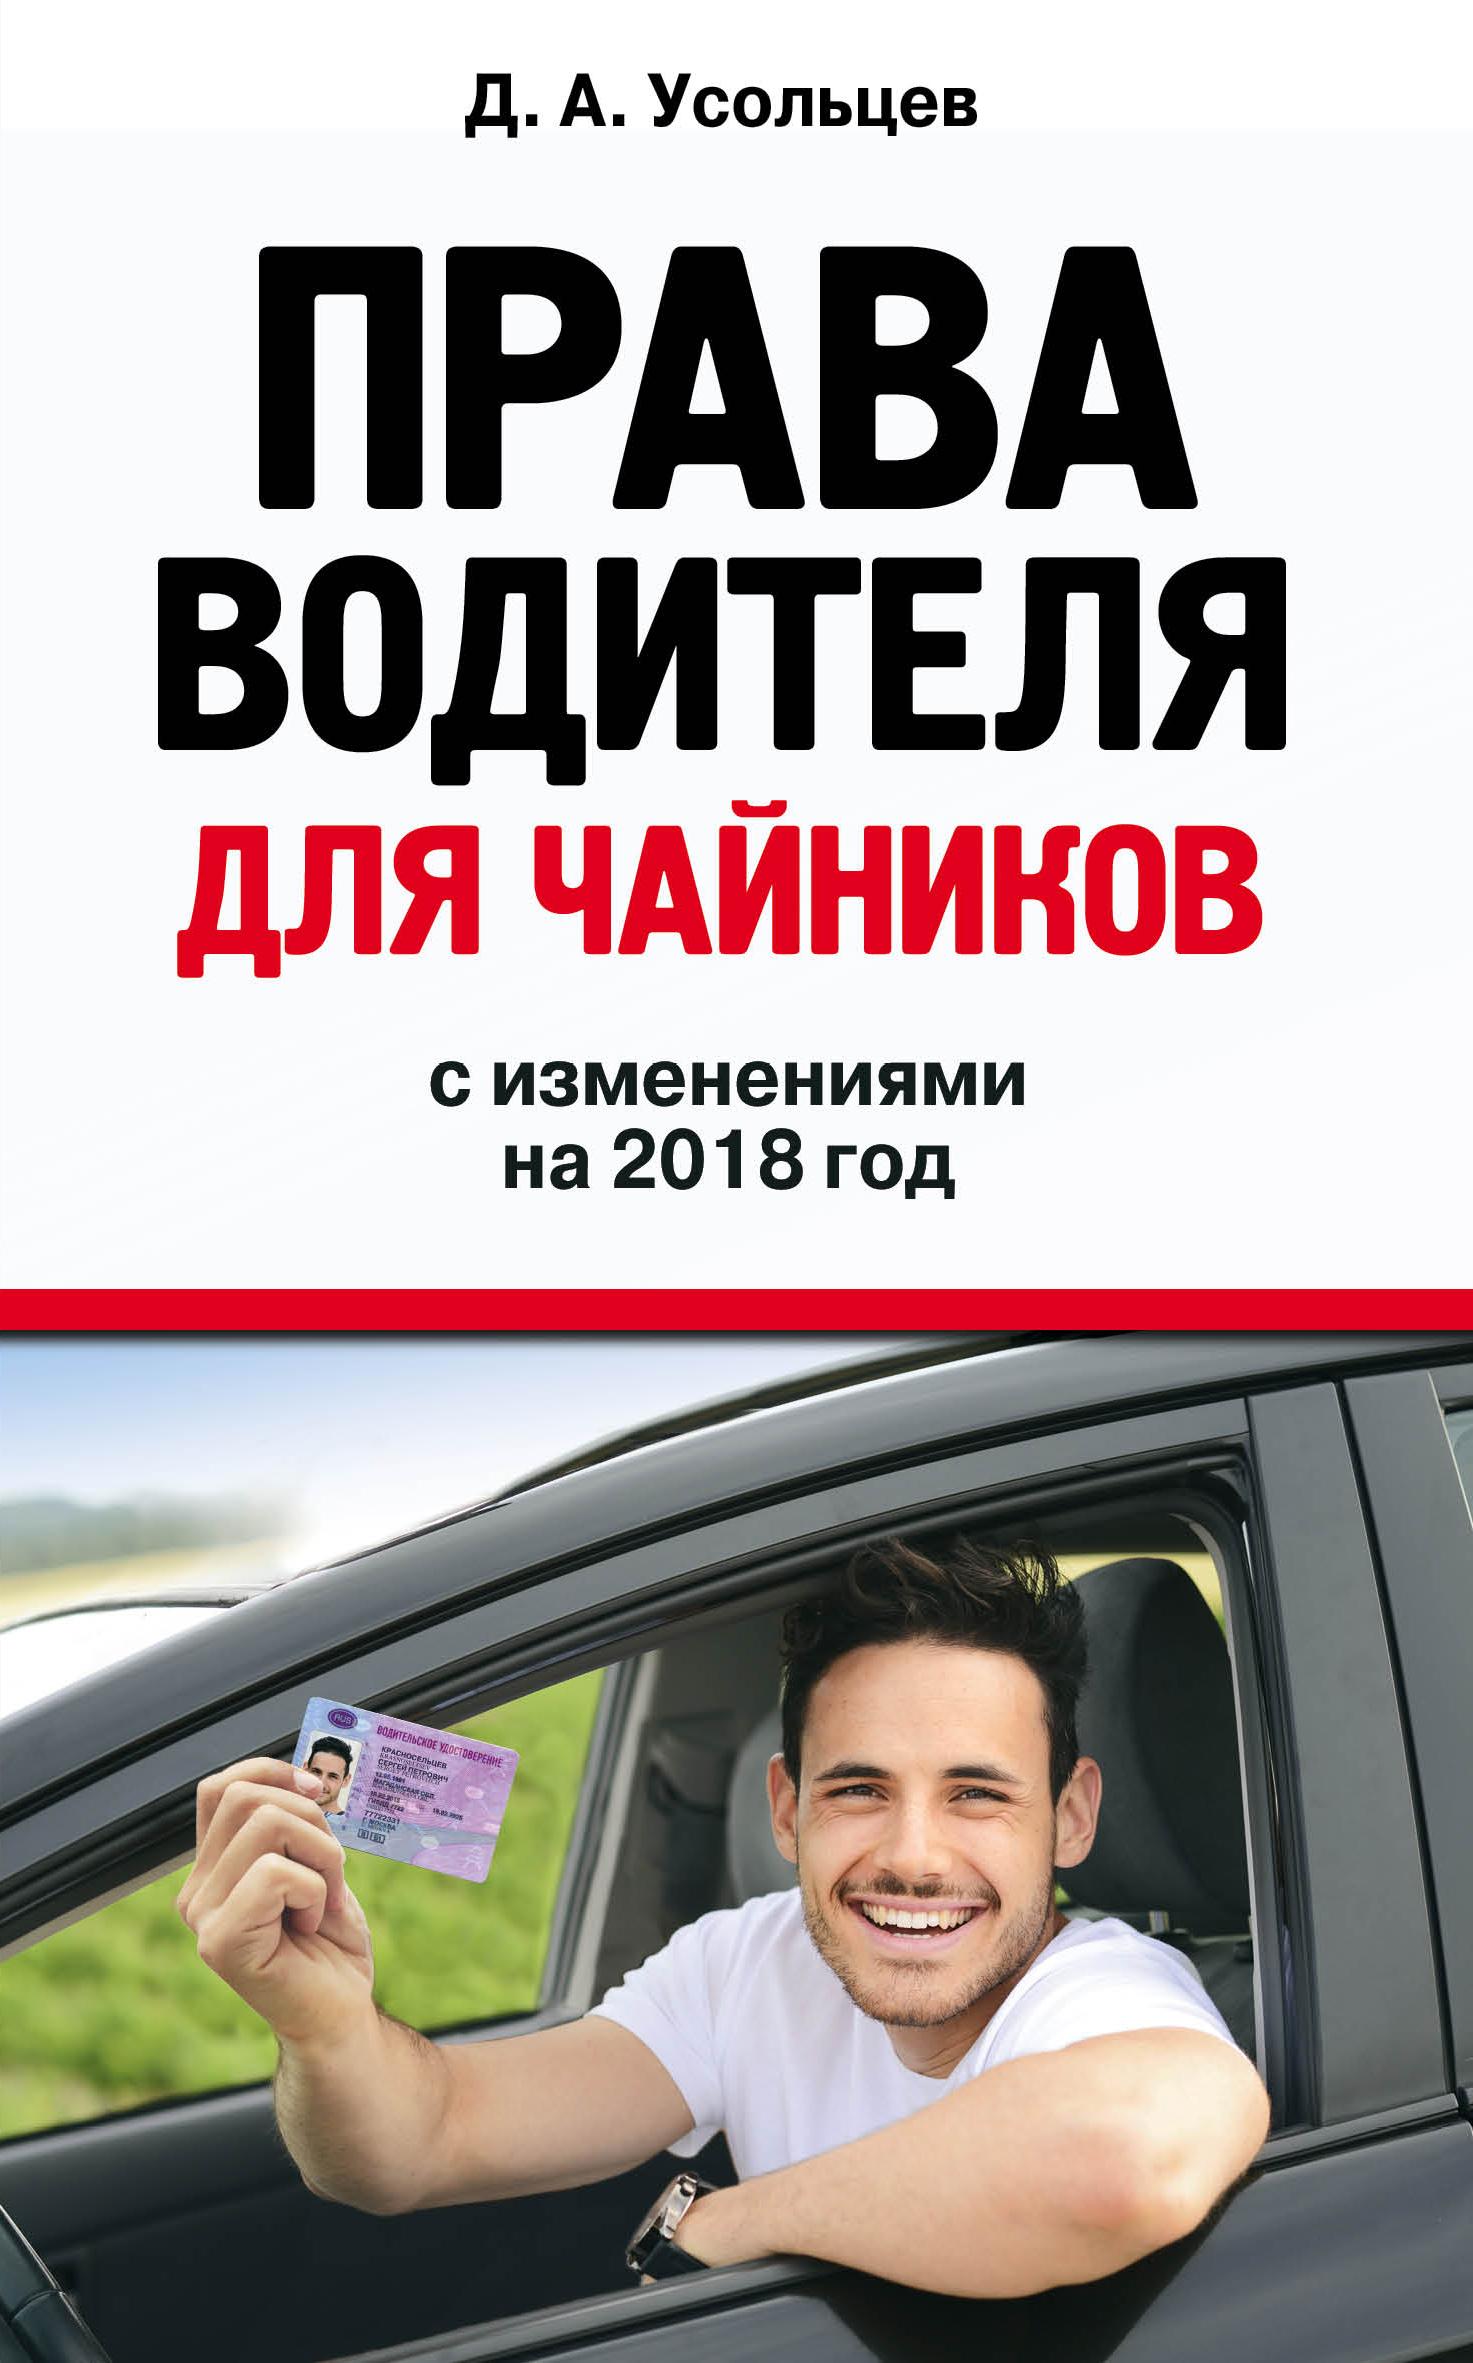 Дмитрий Усольцев Права водителя для чайников с изменениями на 2018 год д а усольцев права водителя для чайников с изменениями на 2018 год